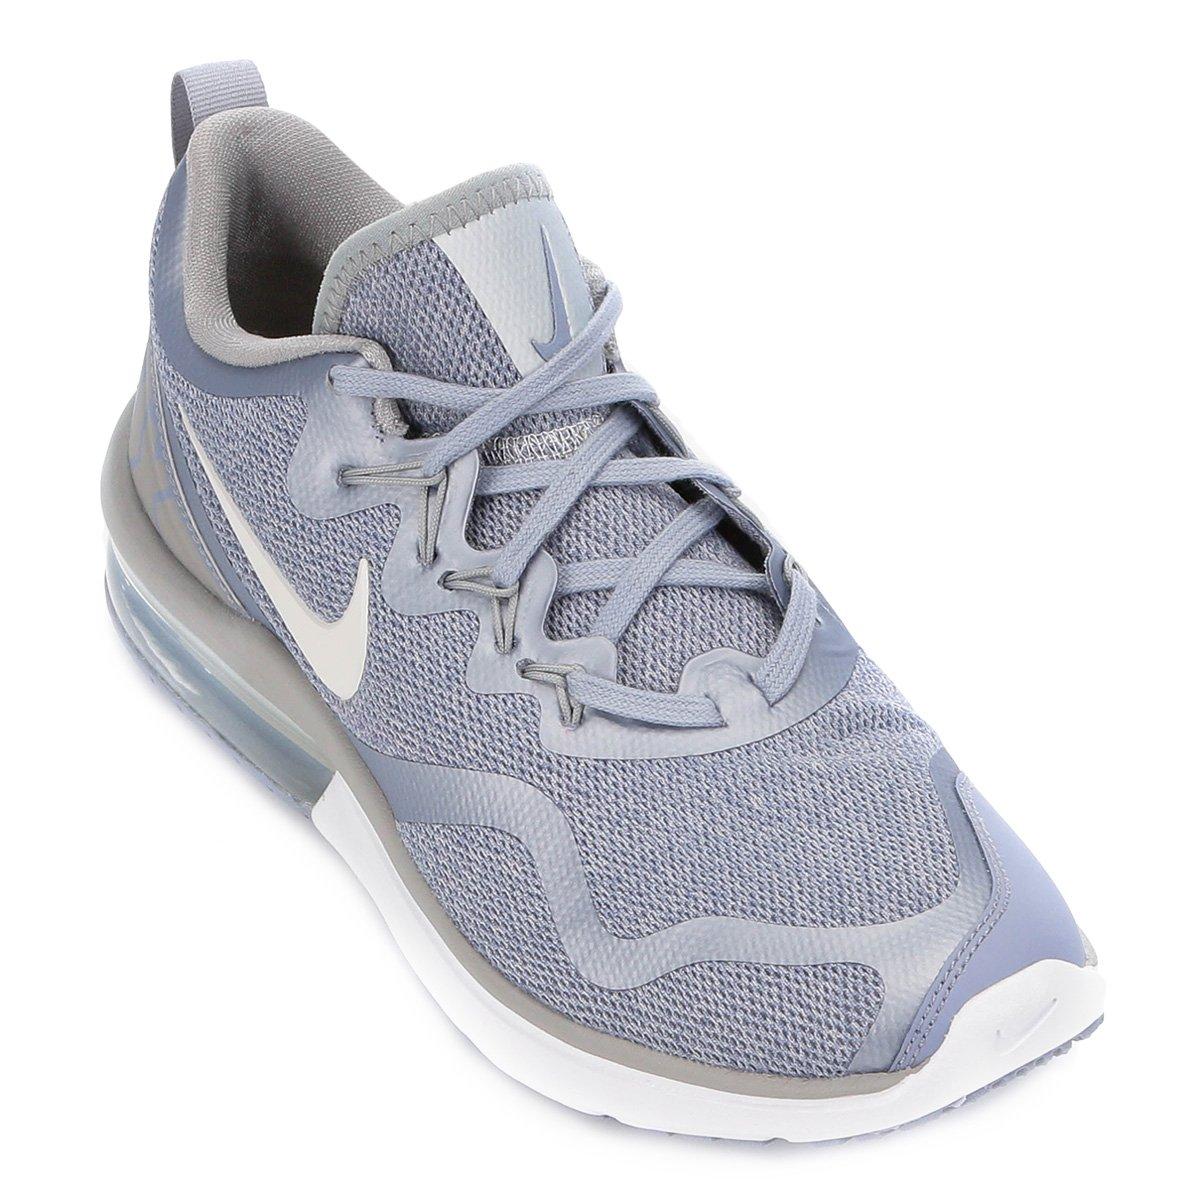 bb1e10ebf3 Tênis Nike Air Max Fury Feminino - Prata